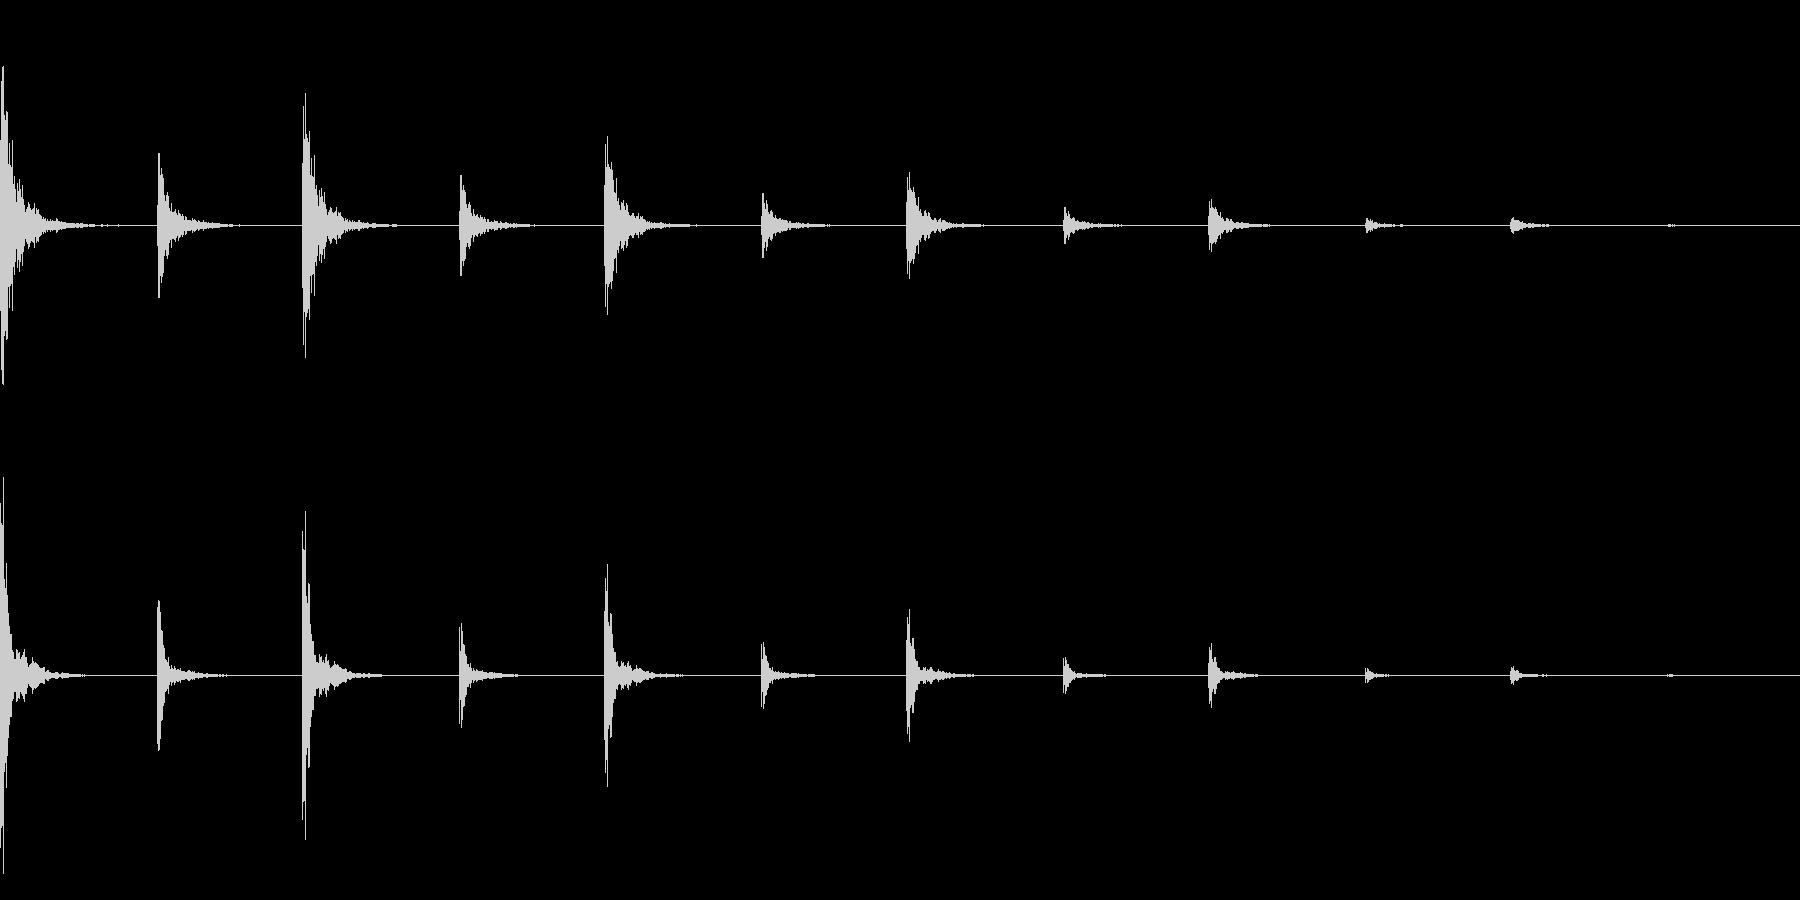 時計、タイマー、ストップウォッチ_A_6の未再生の波形